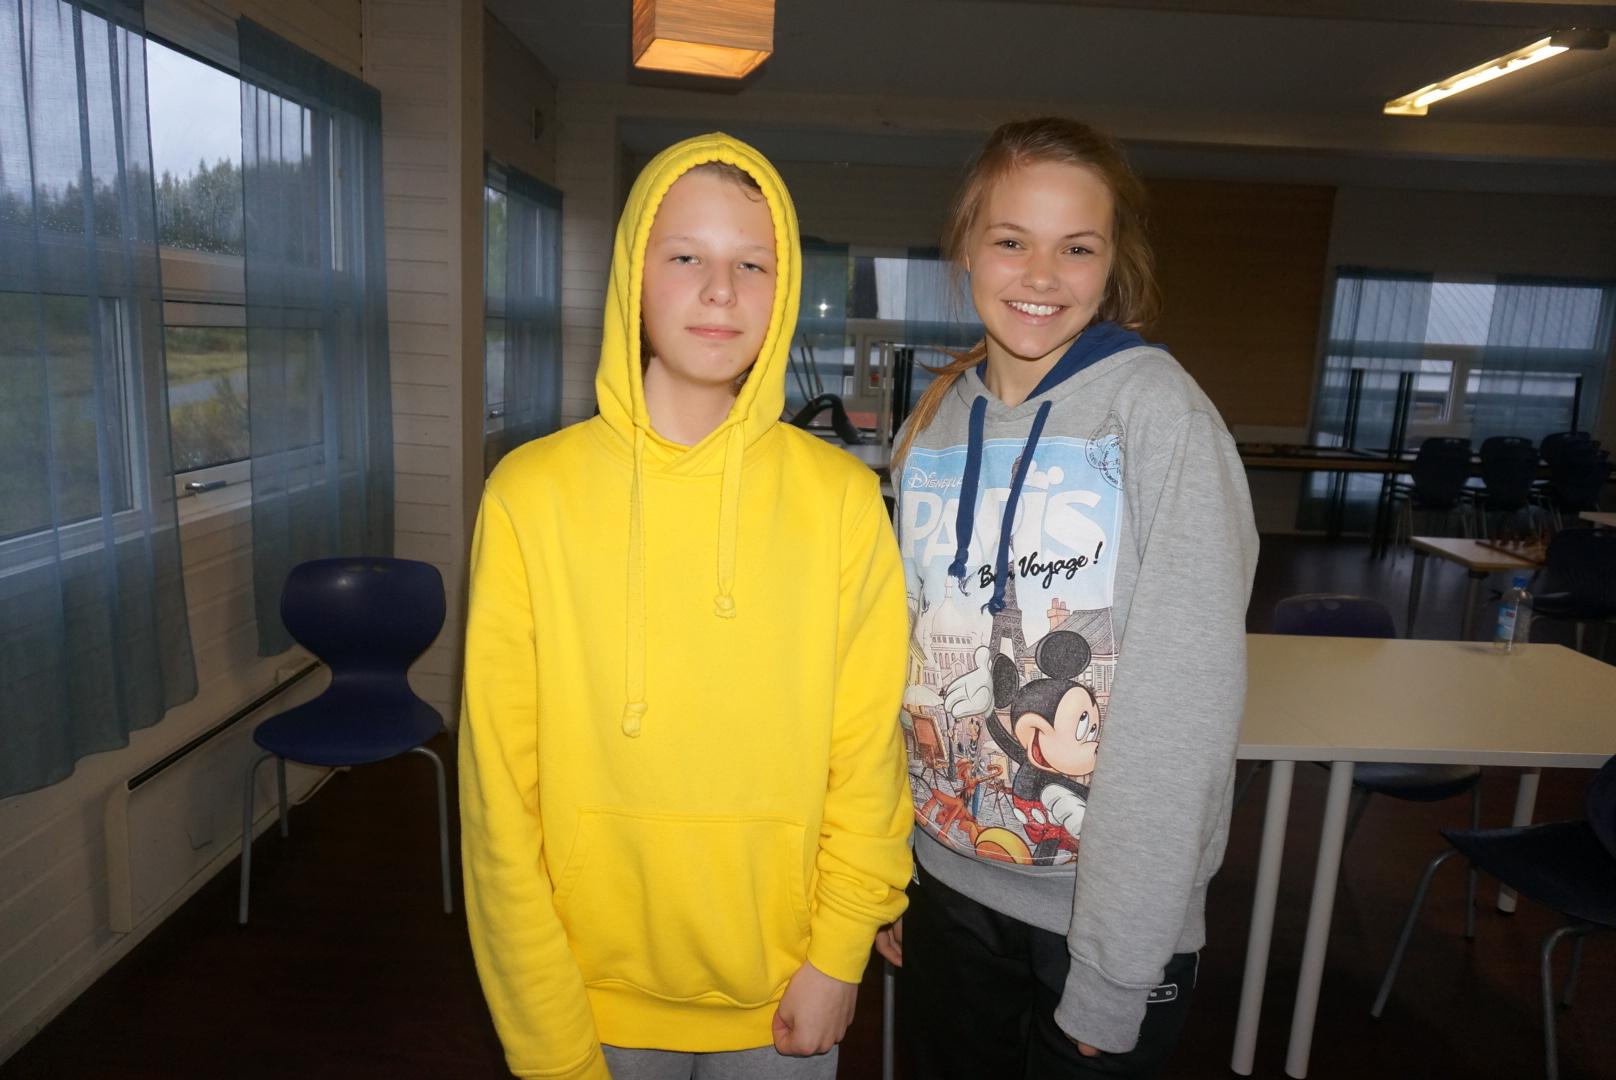 Mats og Elise, høyst fortjente vinnere av gårsdagens pratelagsjakk!